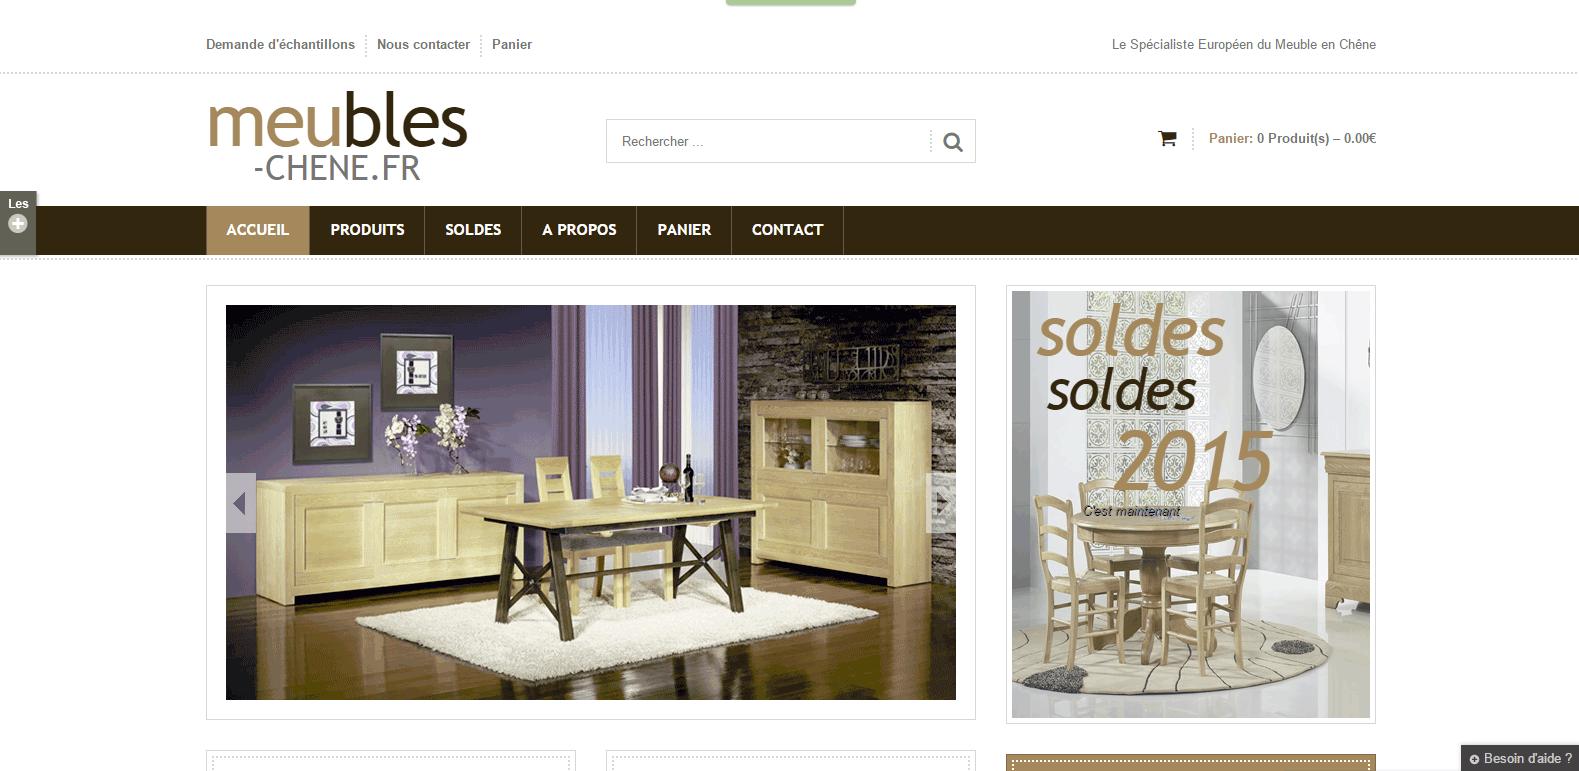 Nouveau site de vente en ligne dayries com - Site de meuble en ligne ...